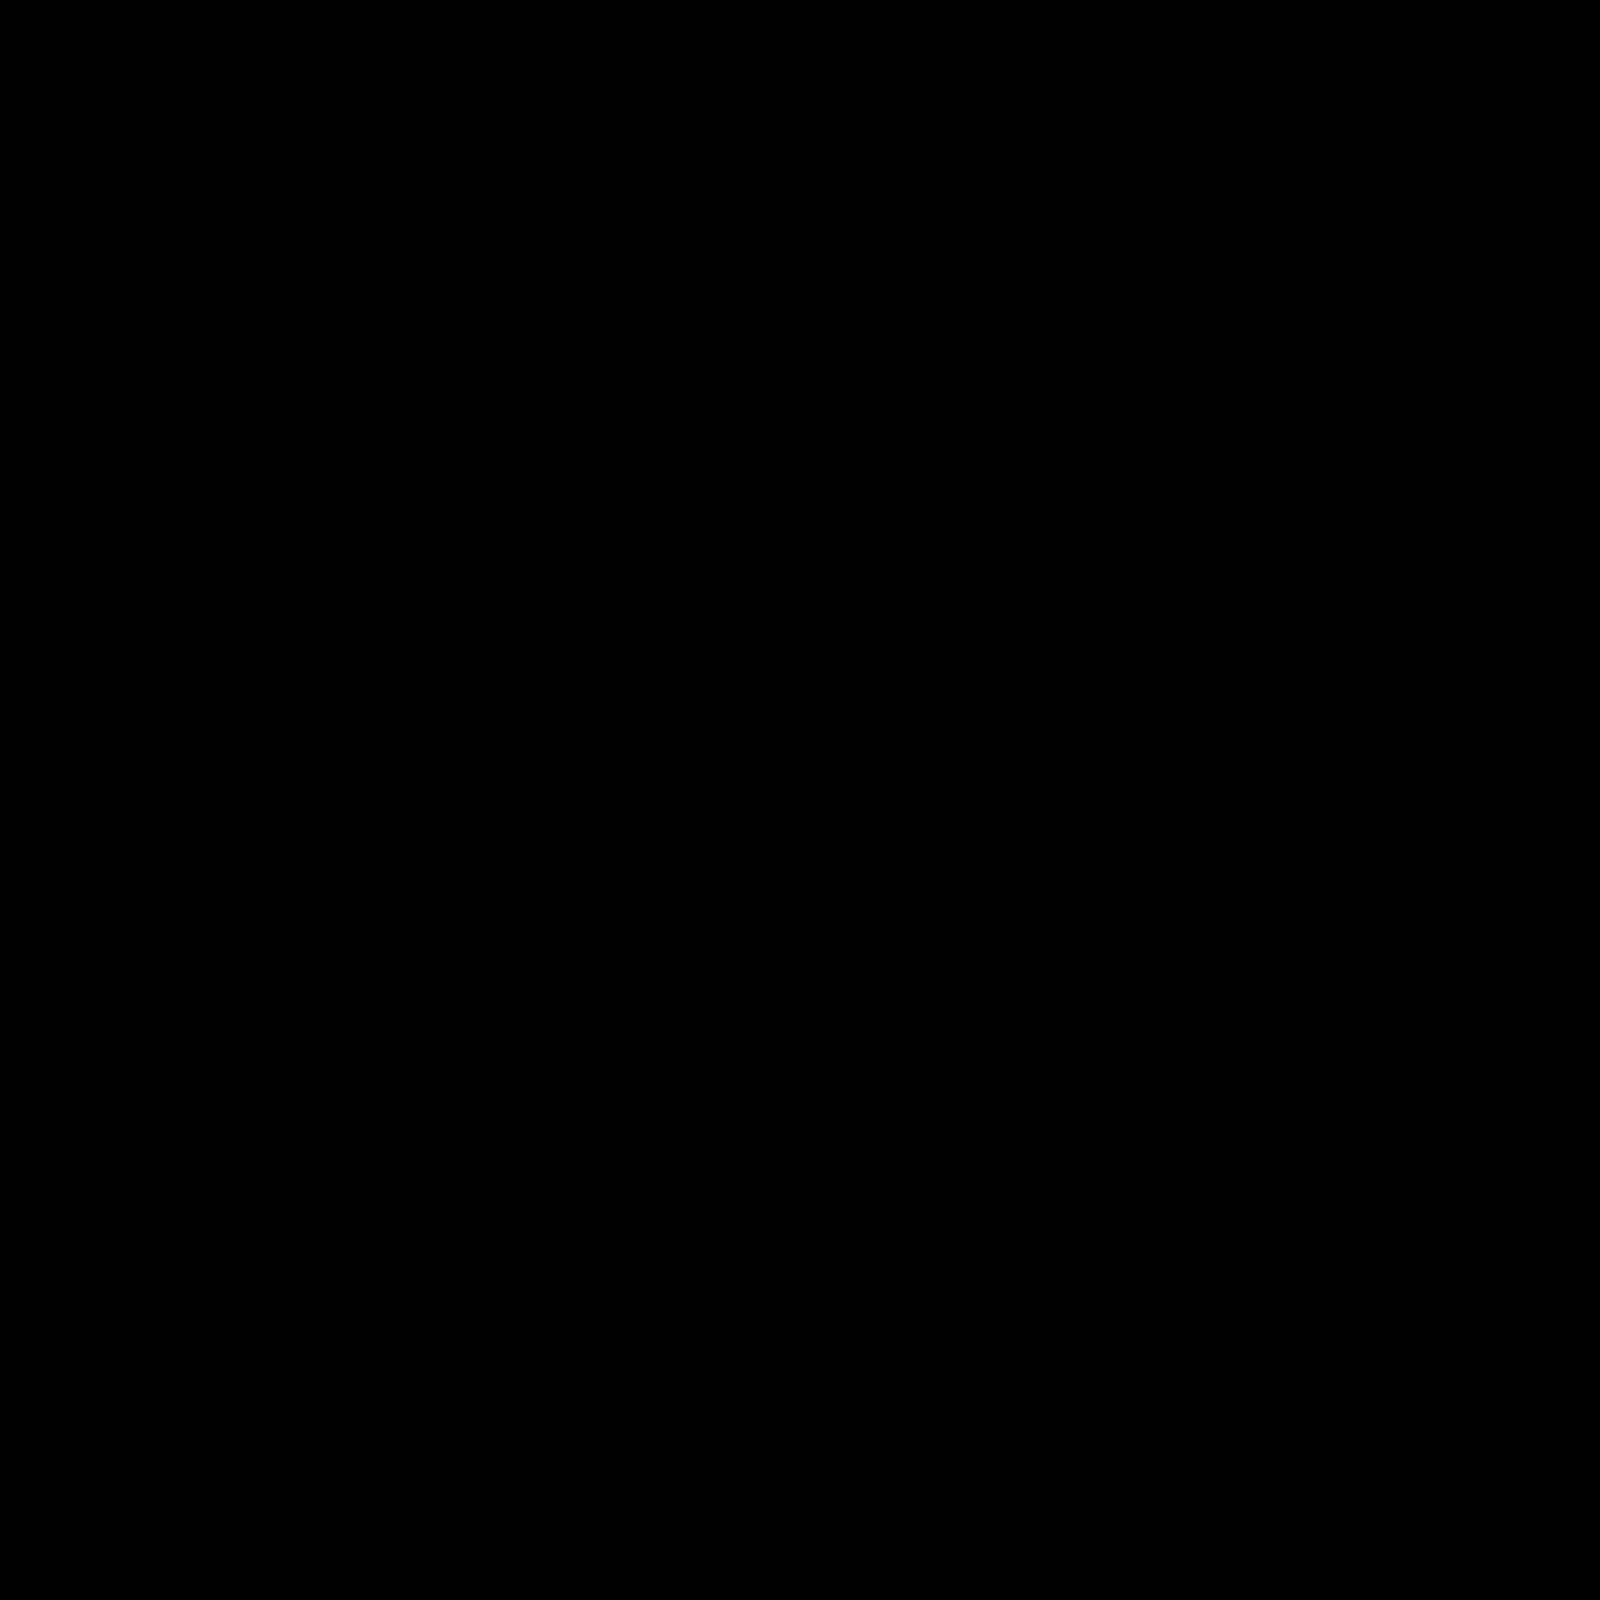 Wspólna skrzynka pocztowa icon